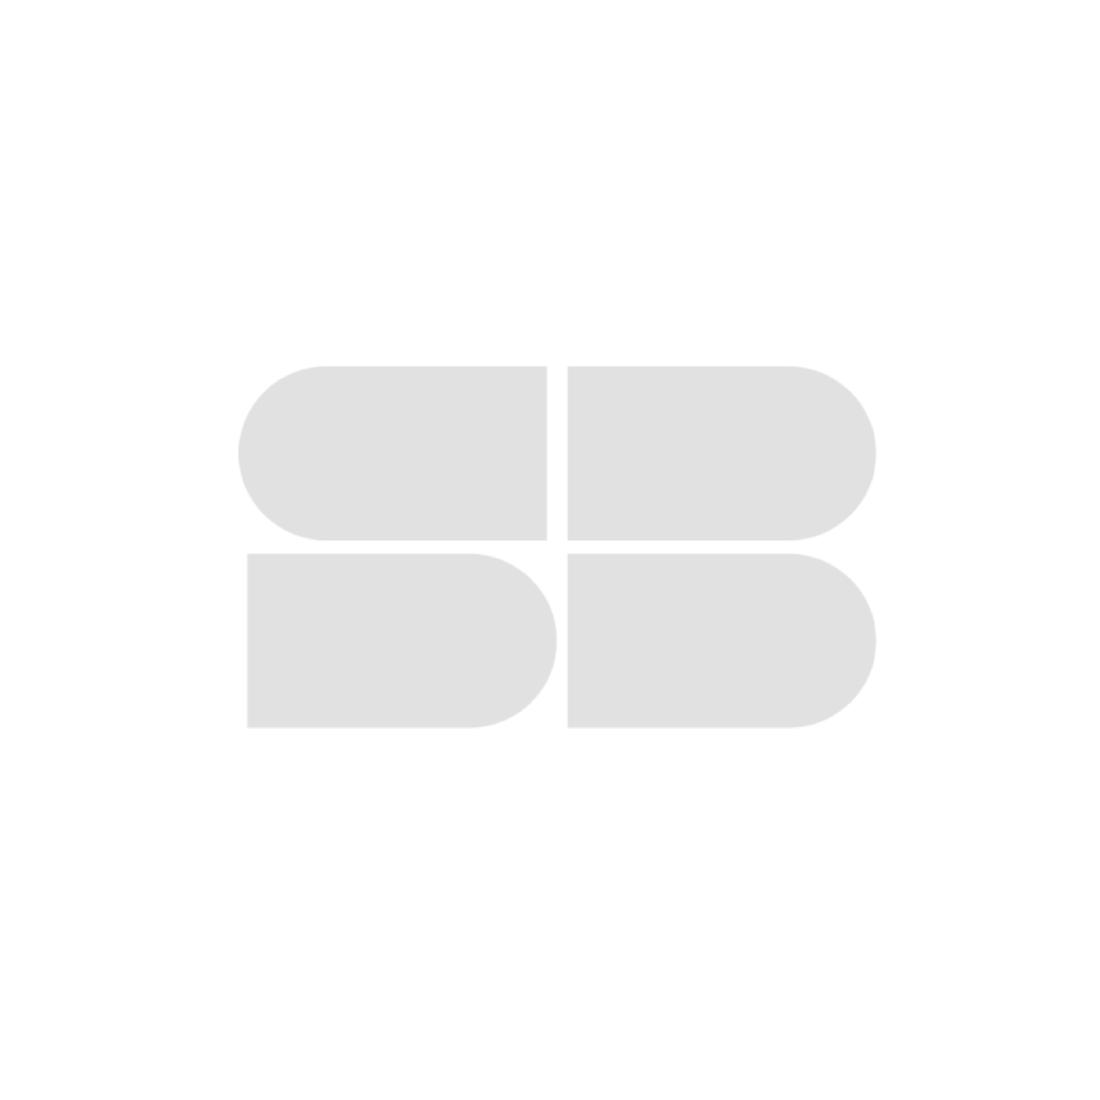 เก้าอี้ทานอาหาร เก้าอี้ไม้เบาะหนัง รุ่น Liffly สีสีเทา-SB Design Square